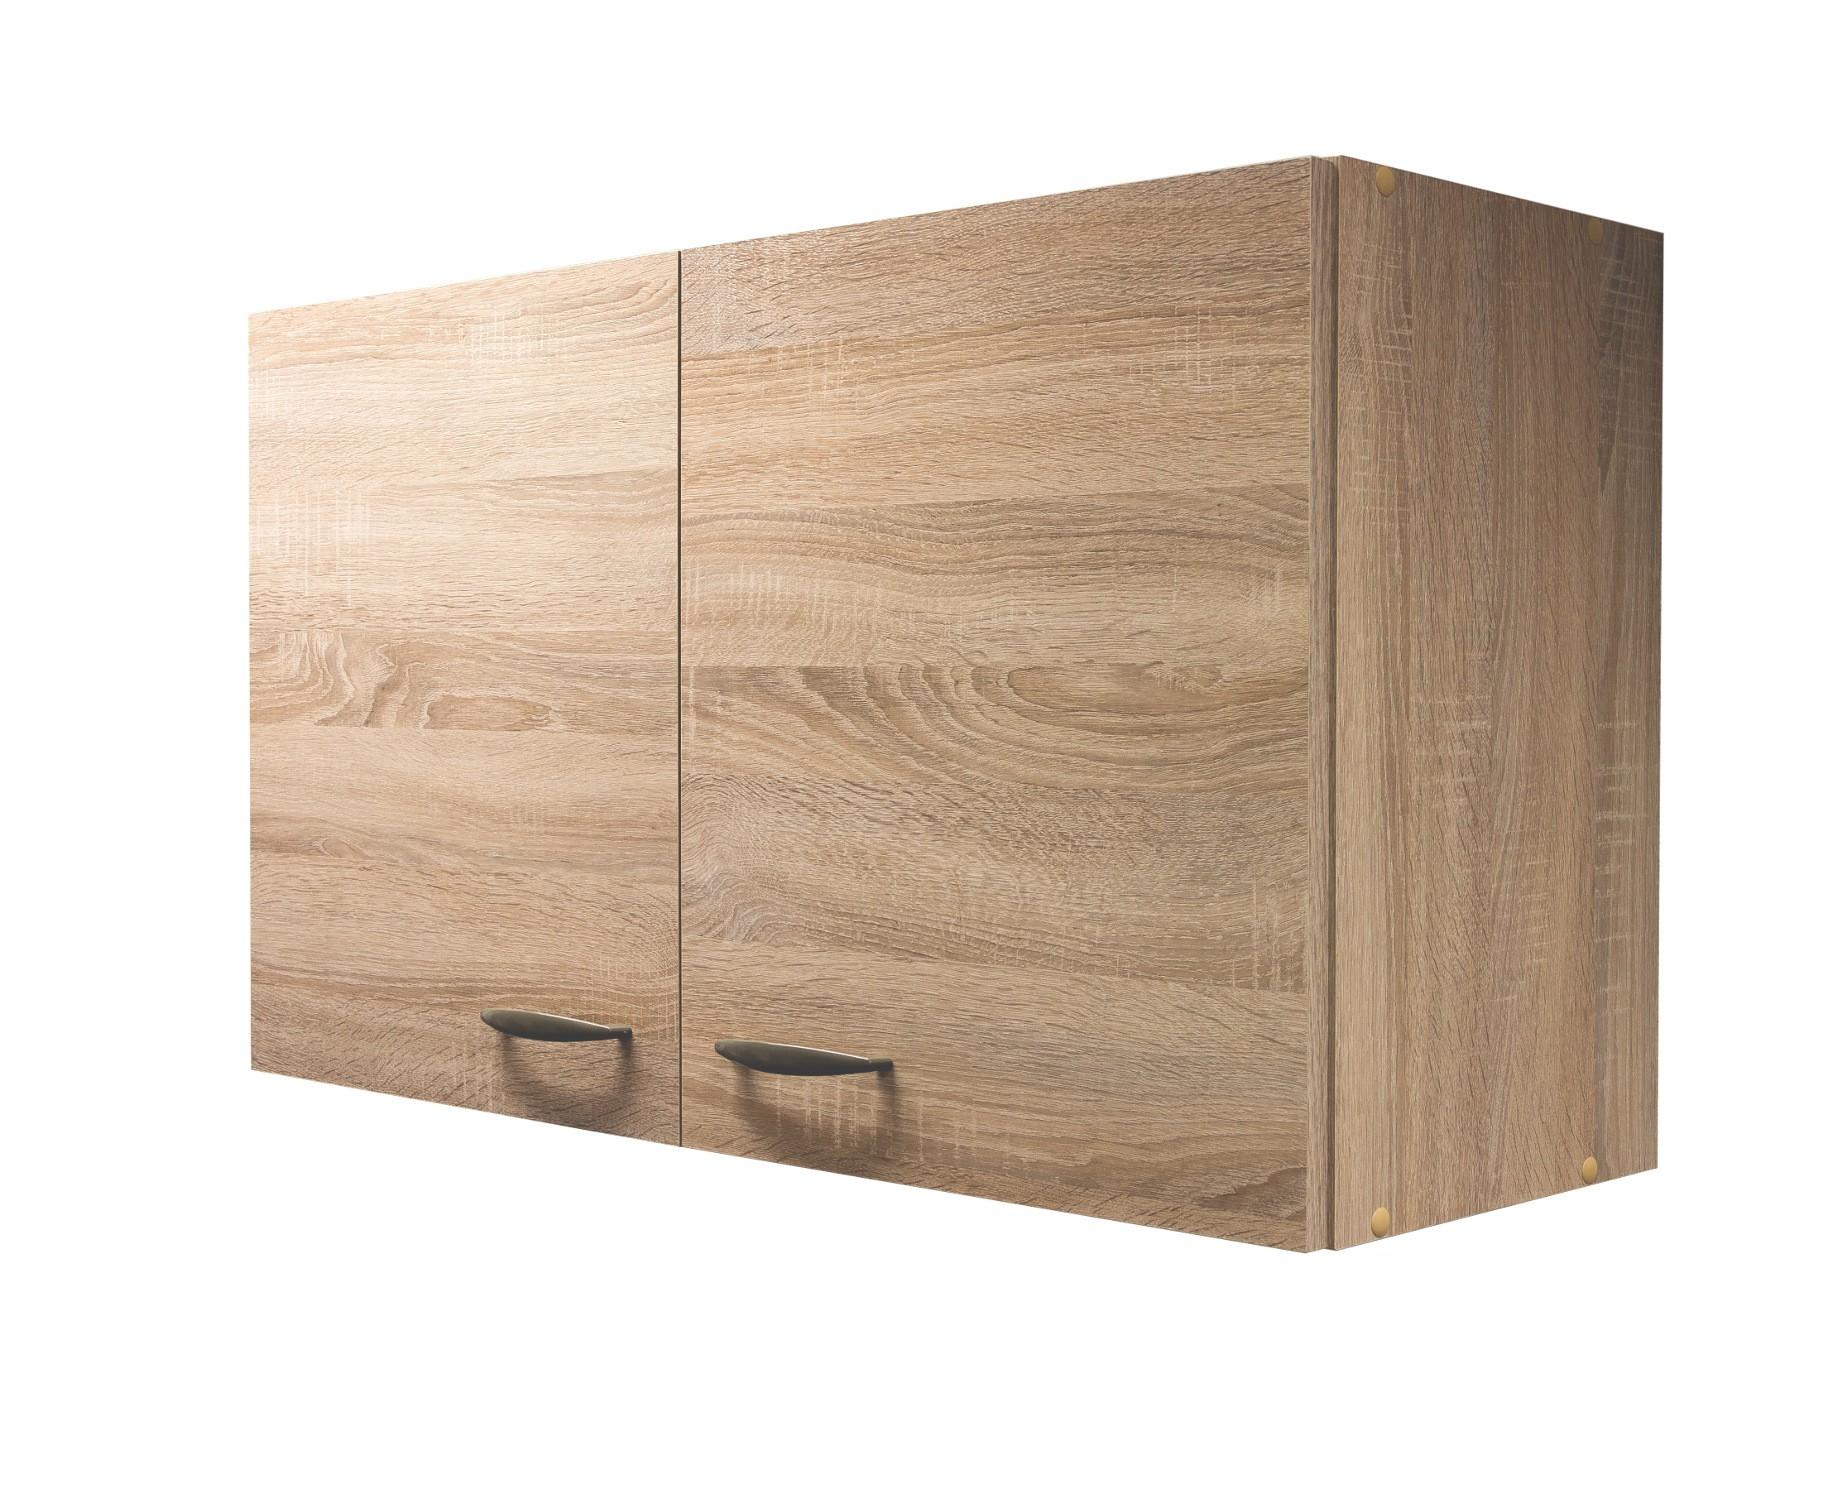 k chen h ngeschrank herne k chenschrank oberschrank 100 cm eiche sonoma ebay. Black Bedroom Furniture Sets. Home Design Ideas